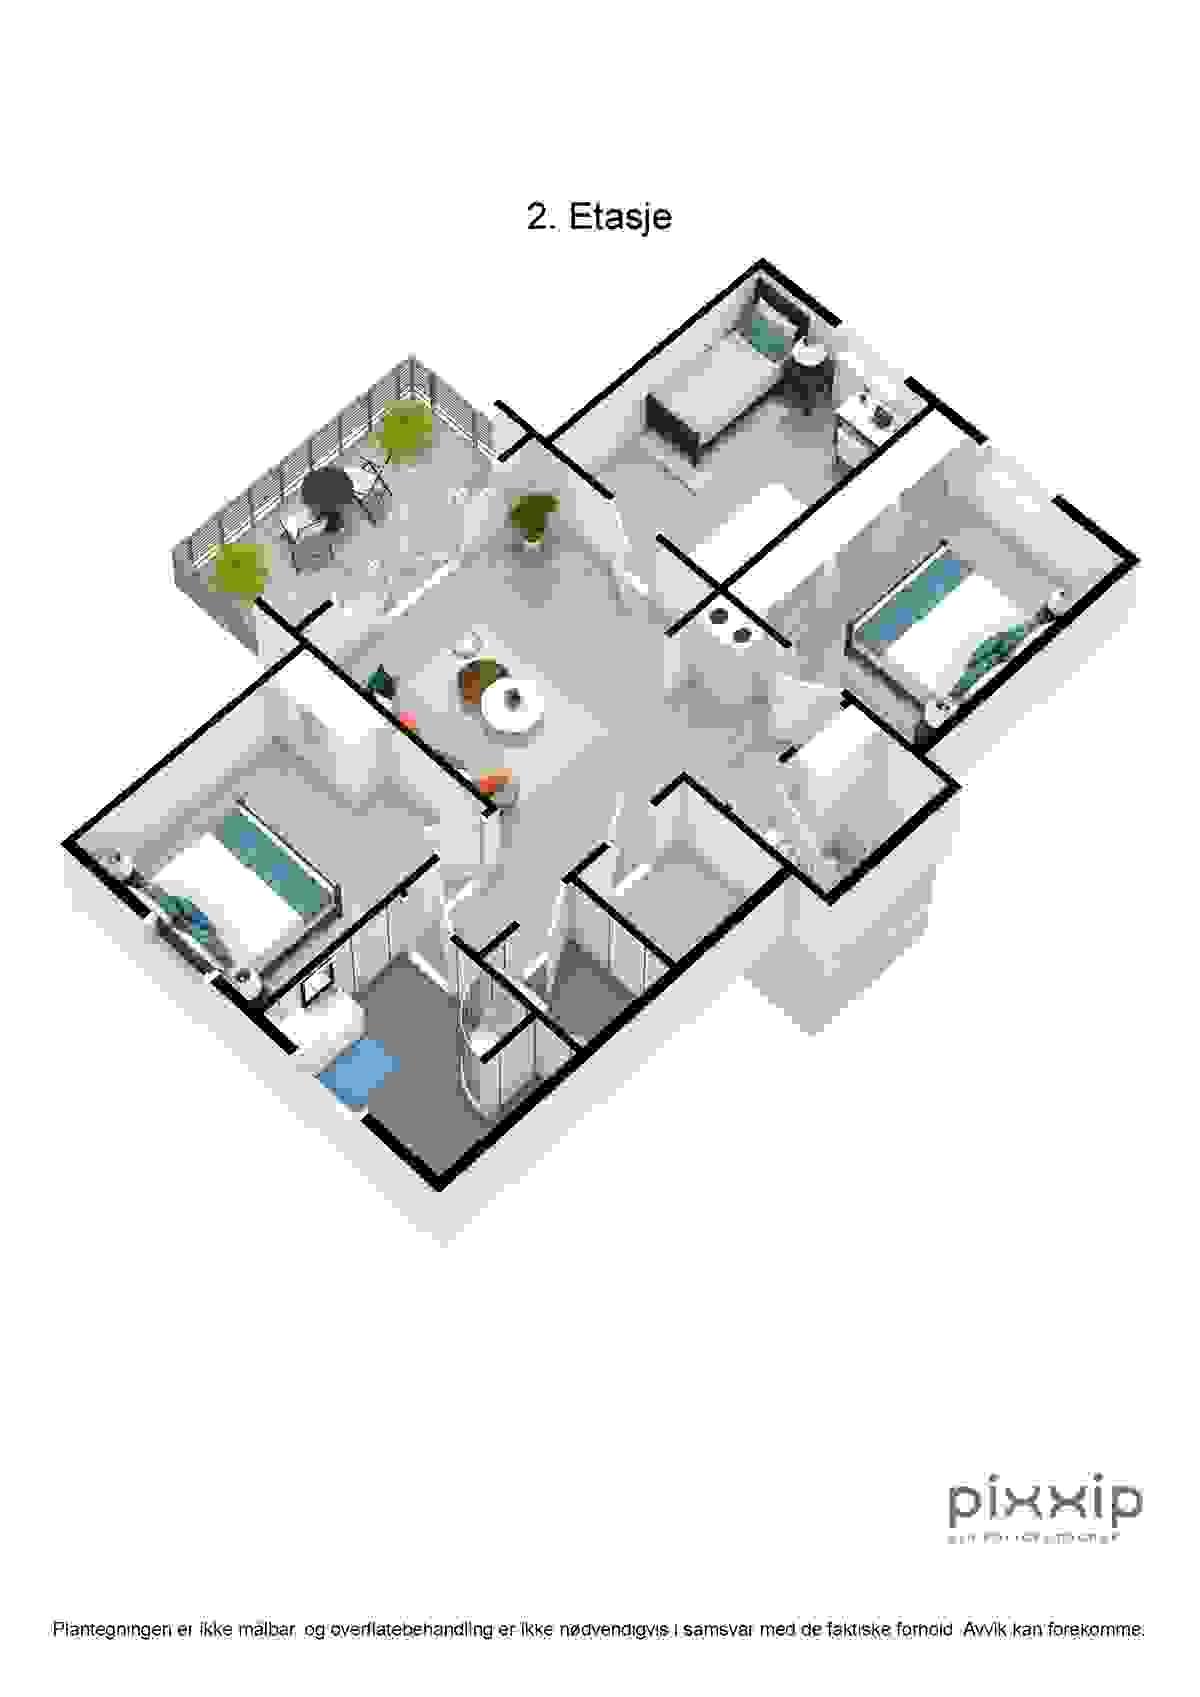 2. etasje